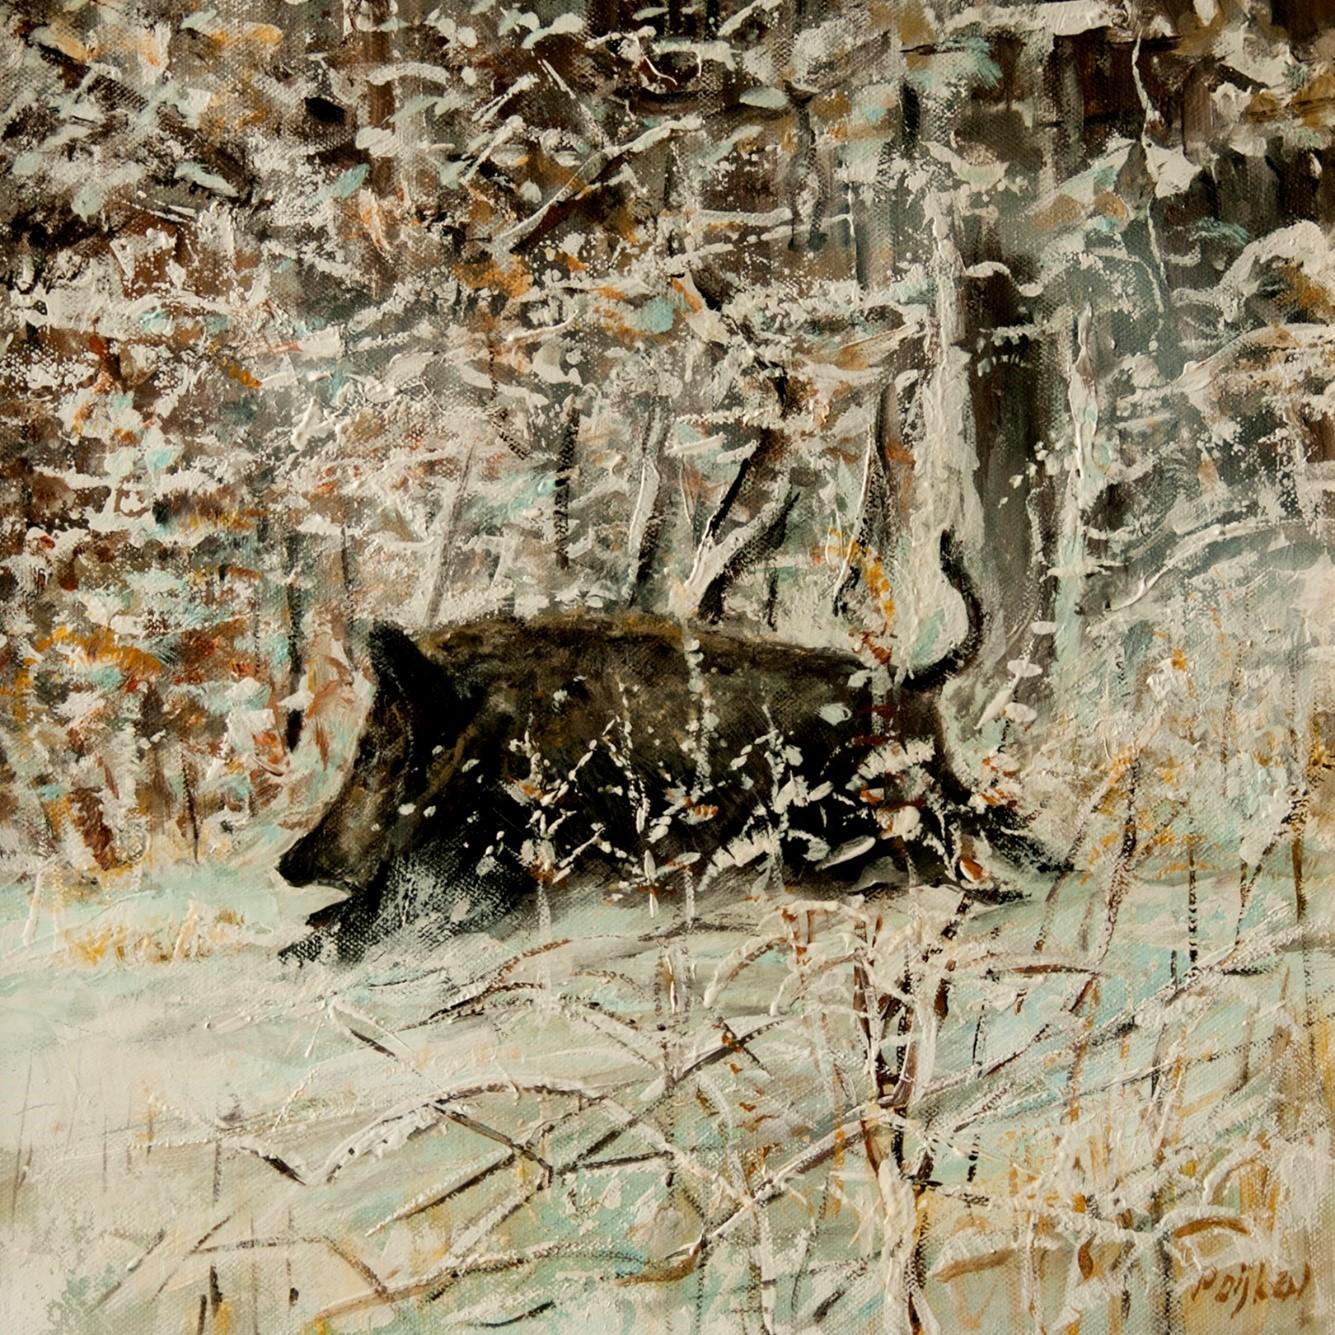 Schilderij wildzwijn in volle run door sneeuwlandschap - ©kunstschilder P. Dijken.